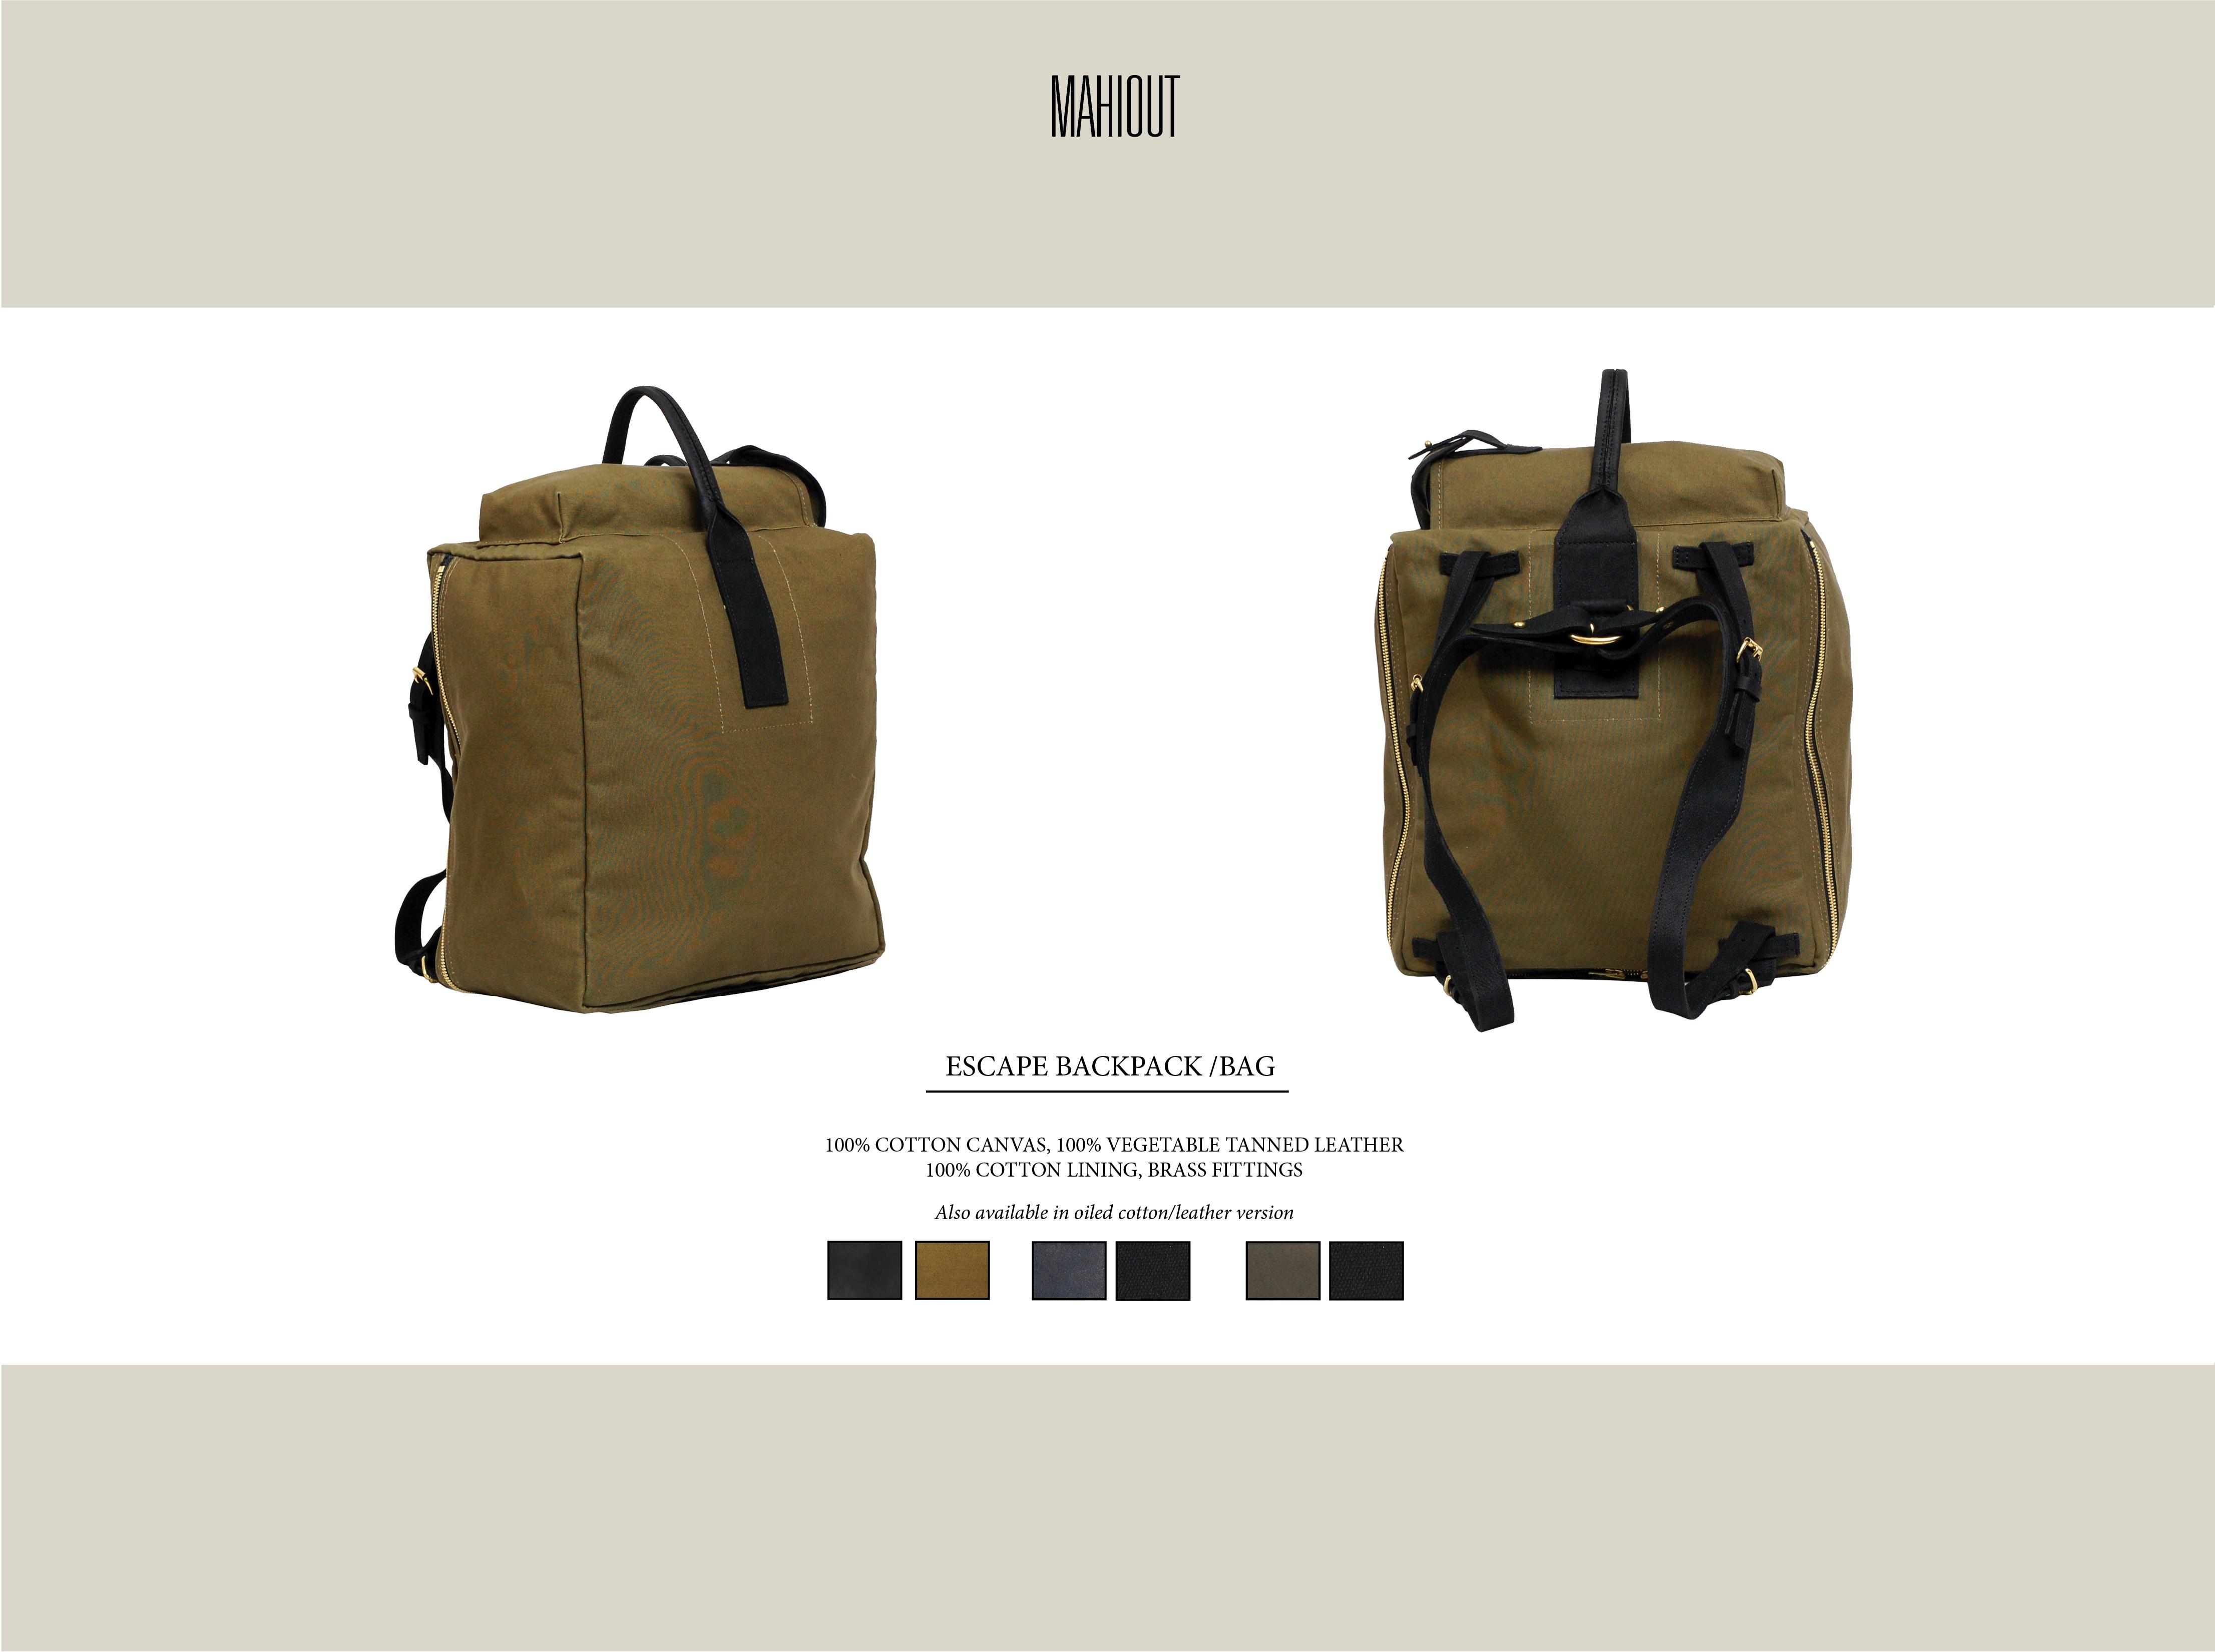 mahiout escape backpack bag